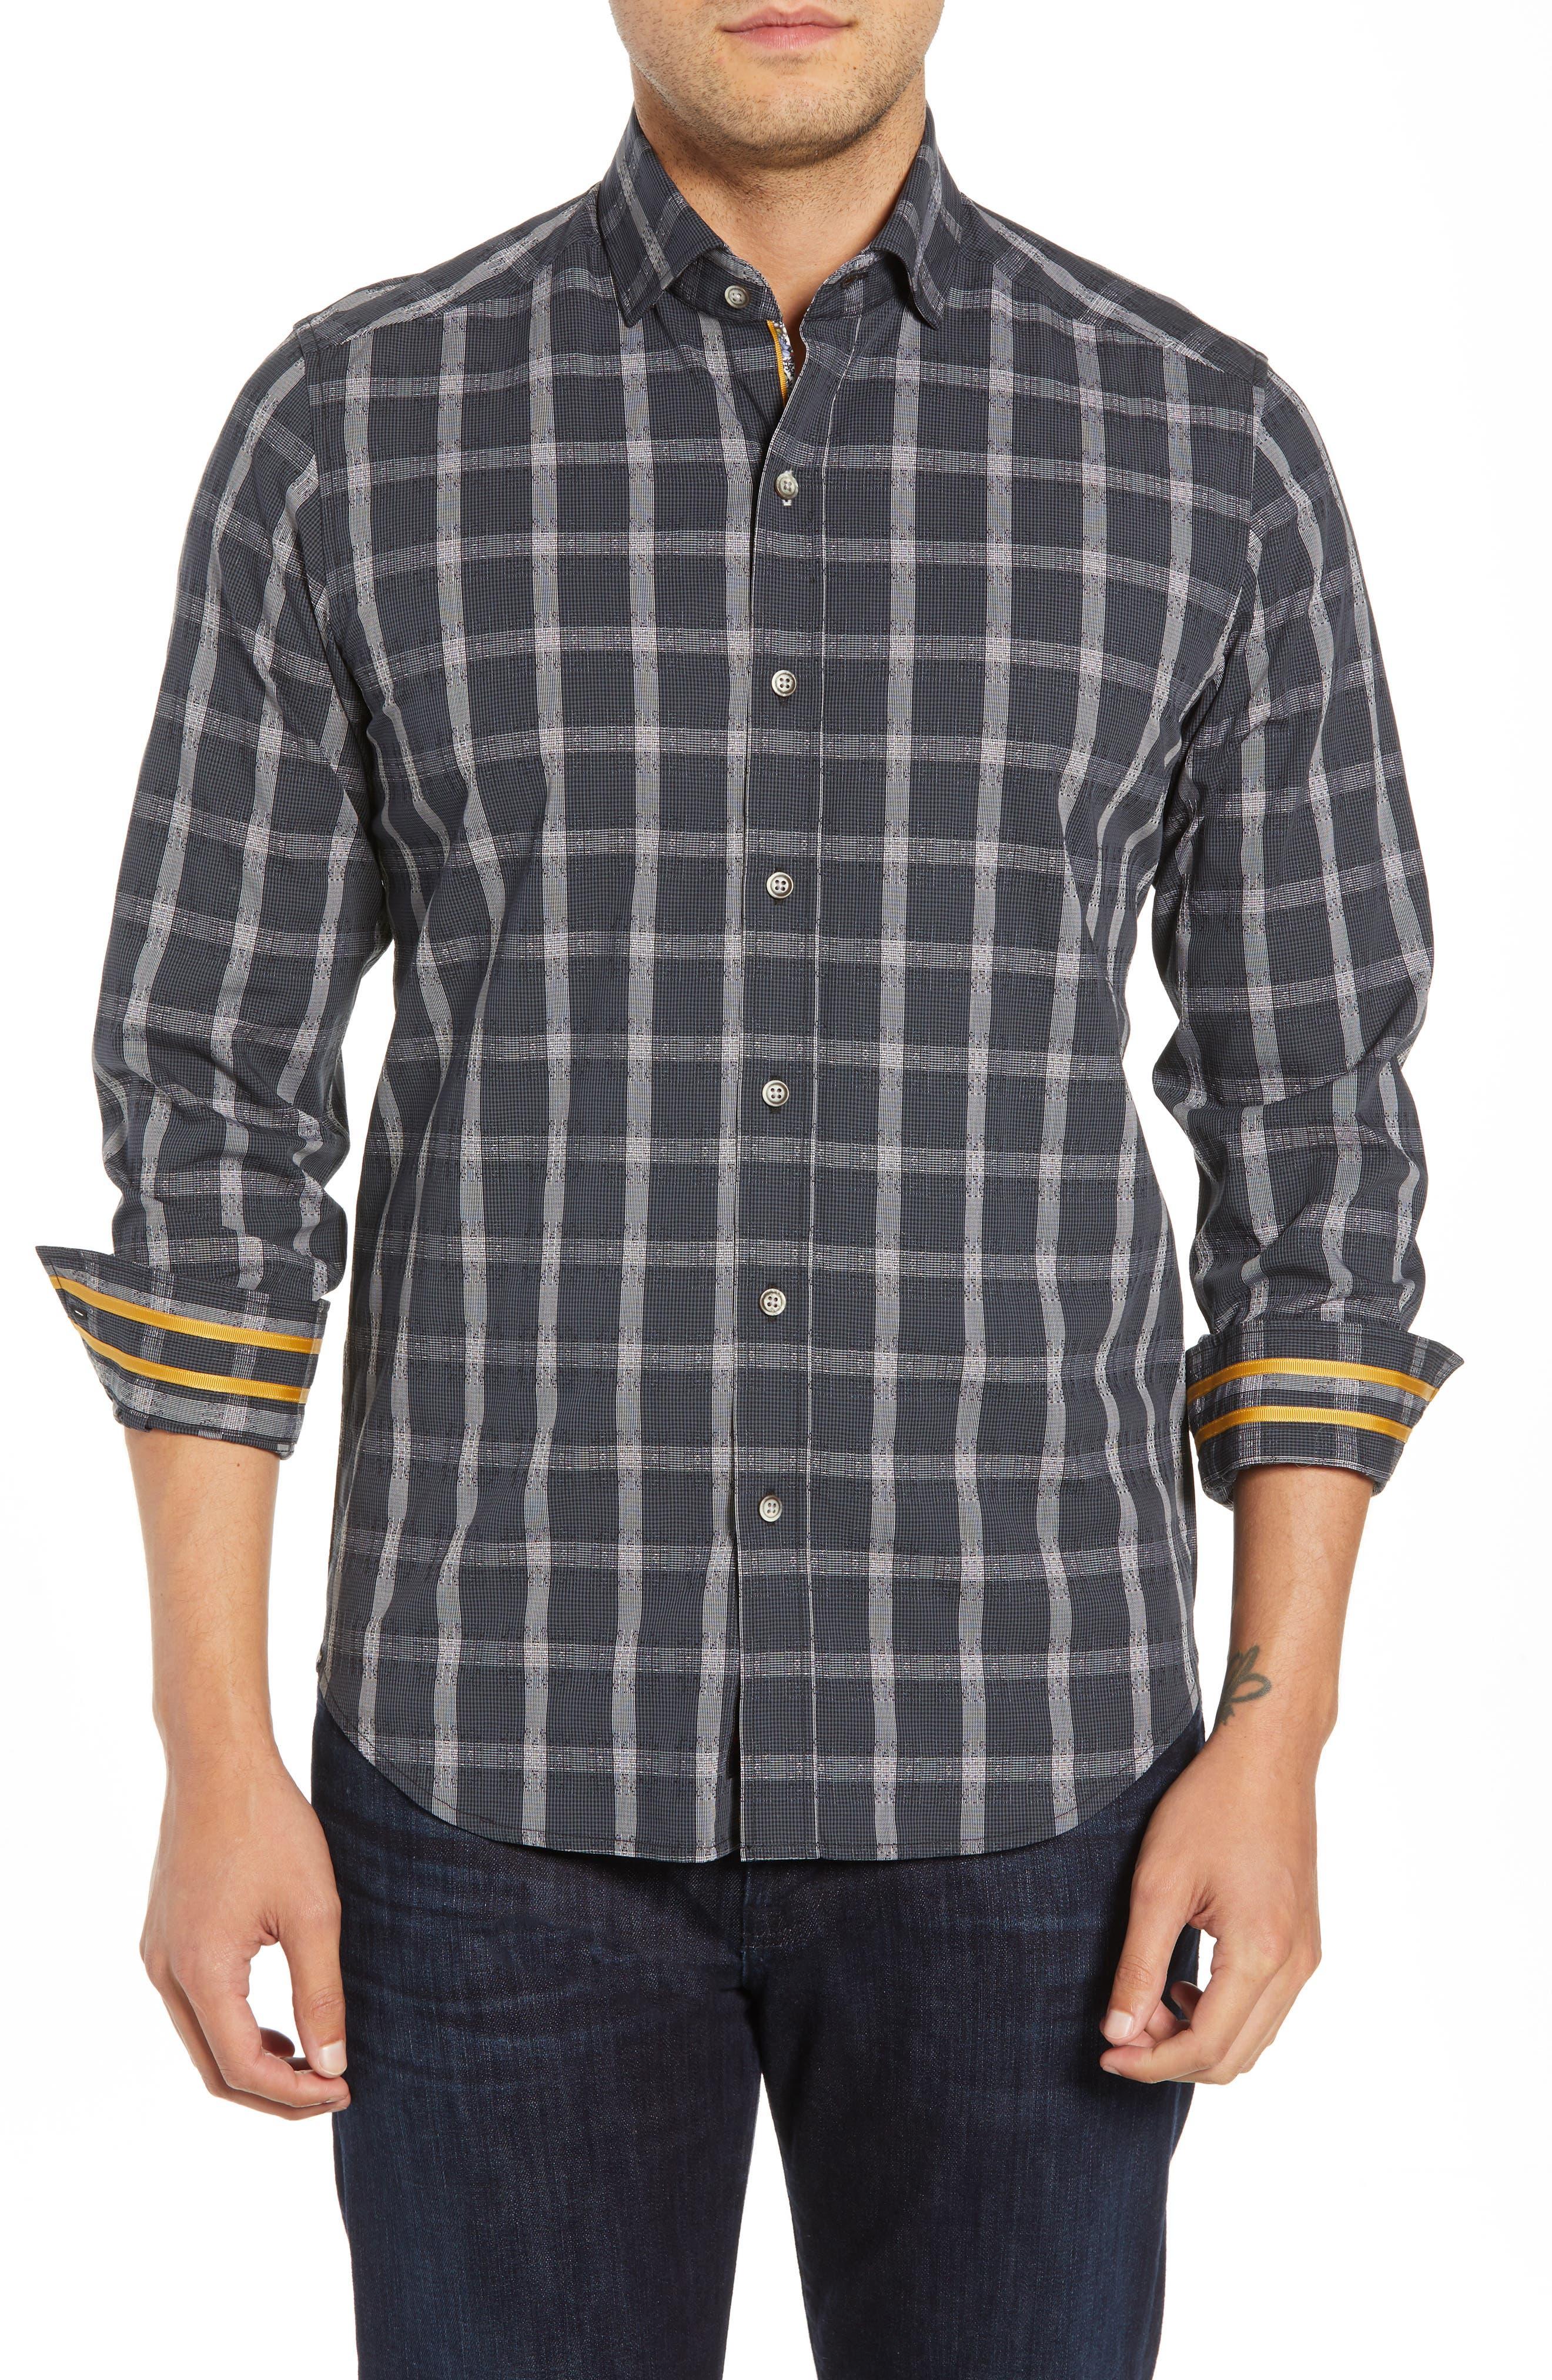 Jenson Tailored Fit Sport Shirt,                             Main thumbnail 1, color,                             BLACK